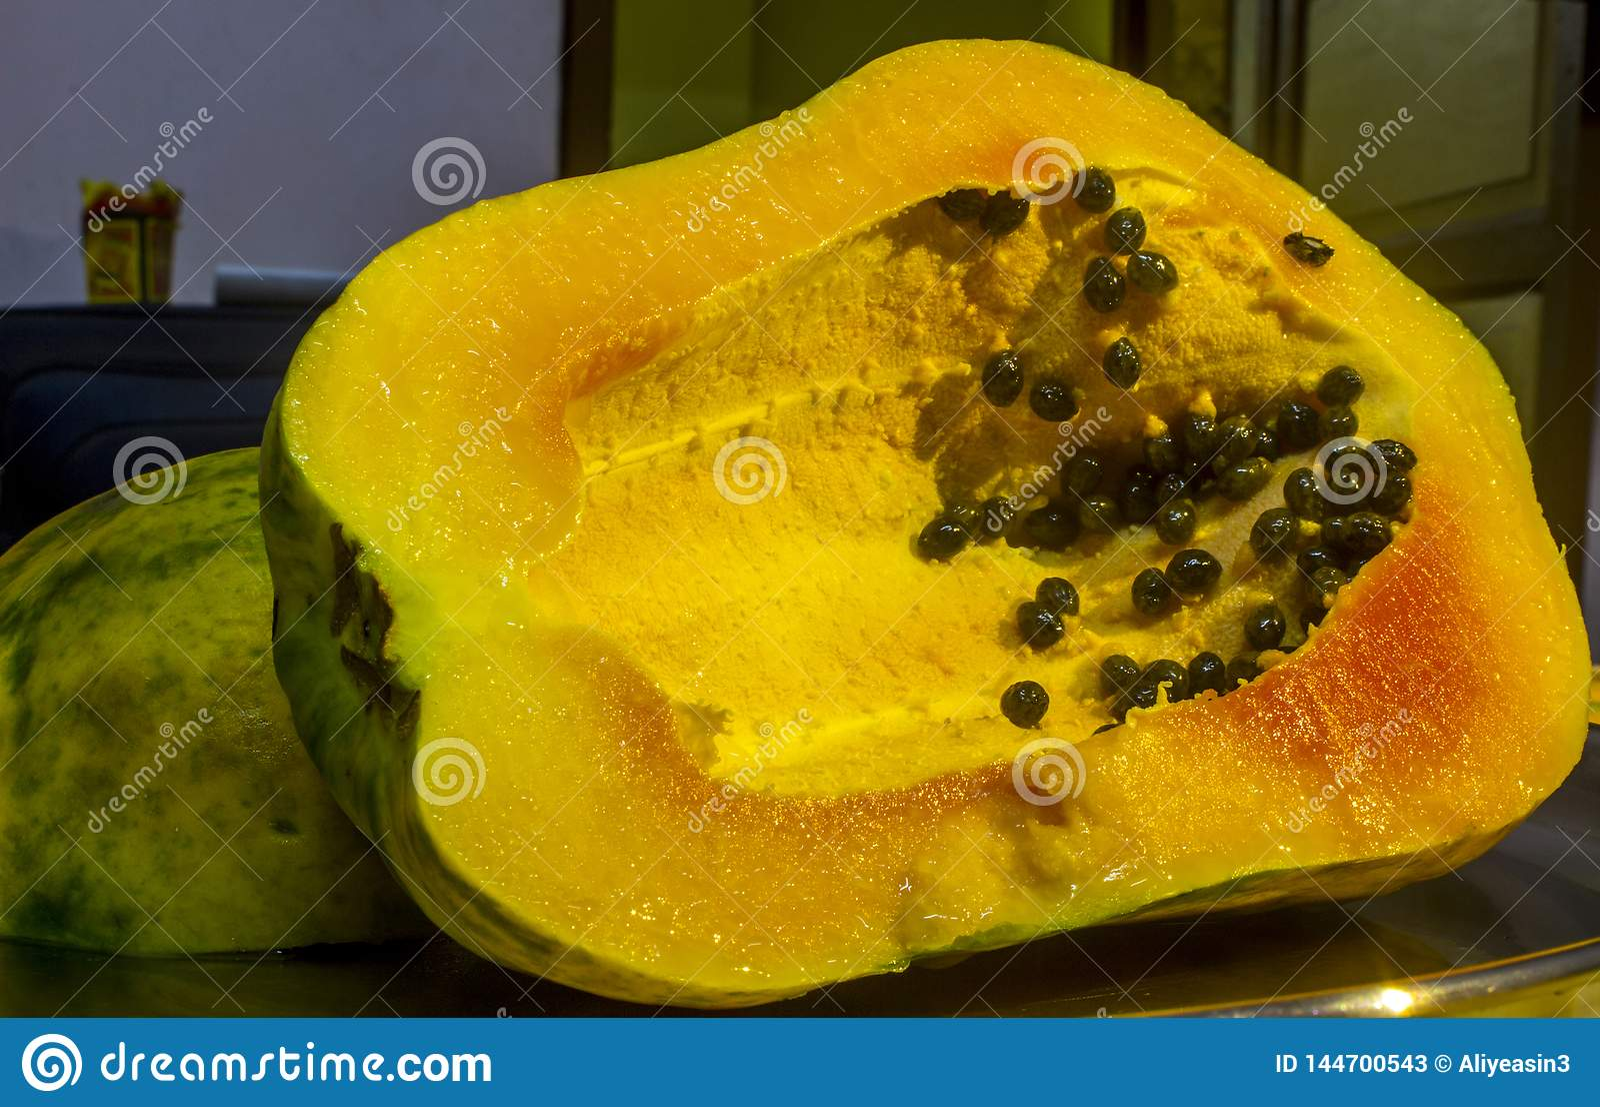 Papaya and seeds